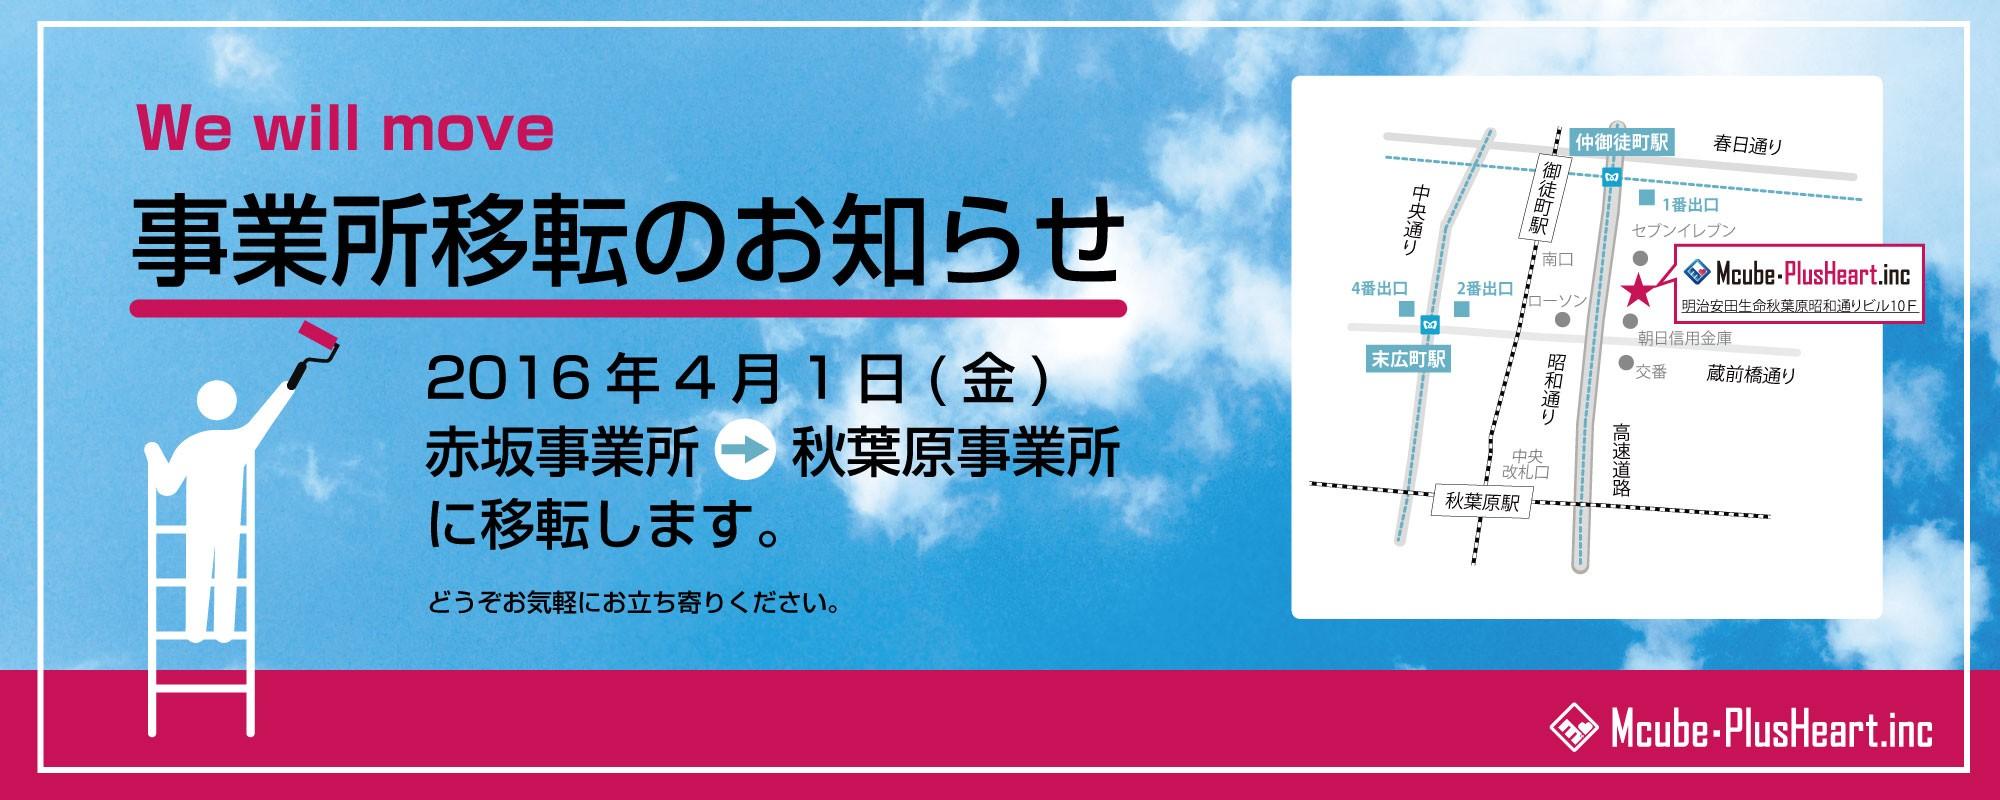 http://moe3.co.jp/wp-content/uploads/2016/03/slider03-2000x800.jpg